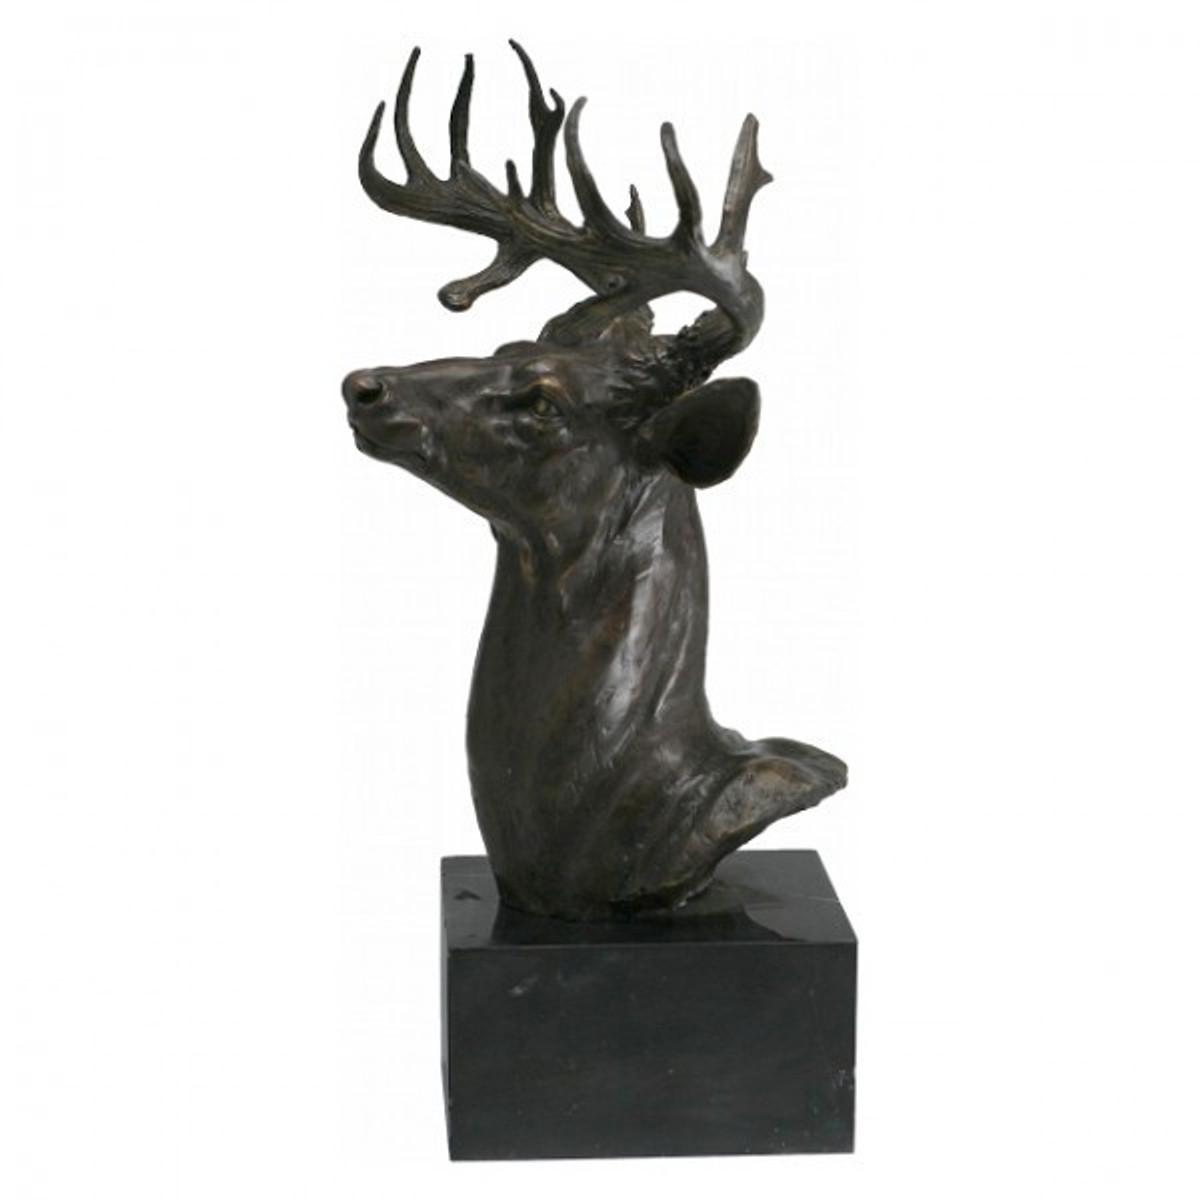 Gartenfigur aus Metall Hischkopf Bronze Skulptur Geweih in präziser Verarbeitung jetzt online zum Top Preis bestellen.